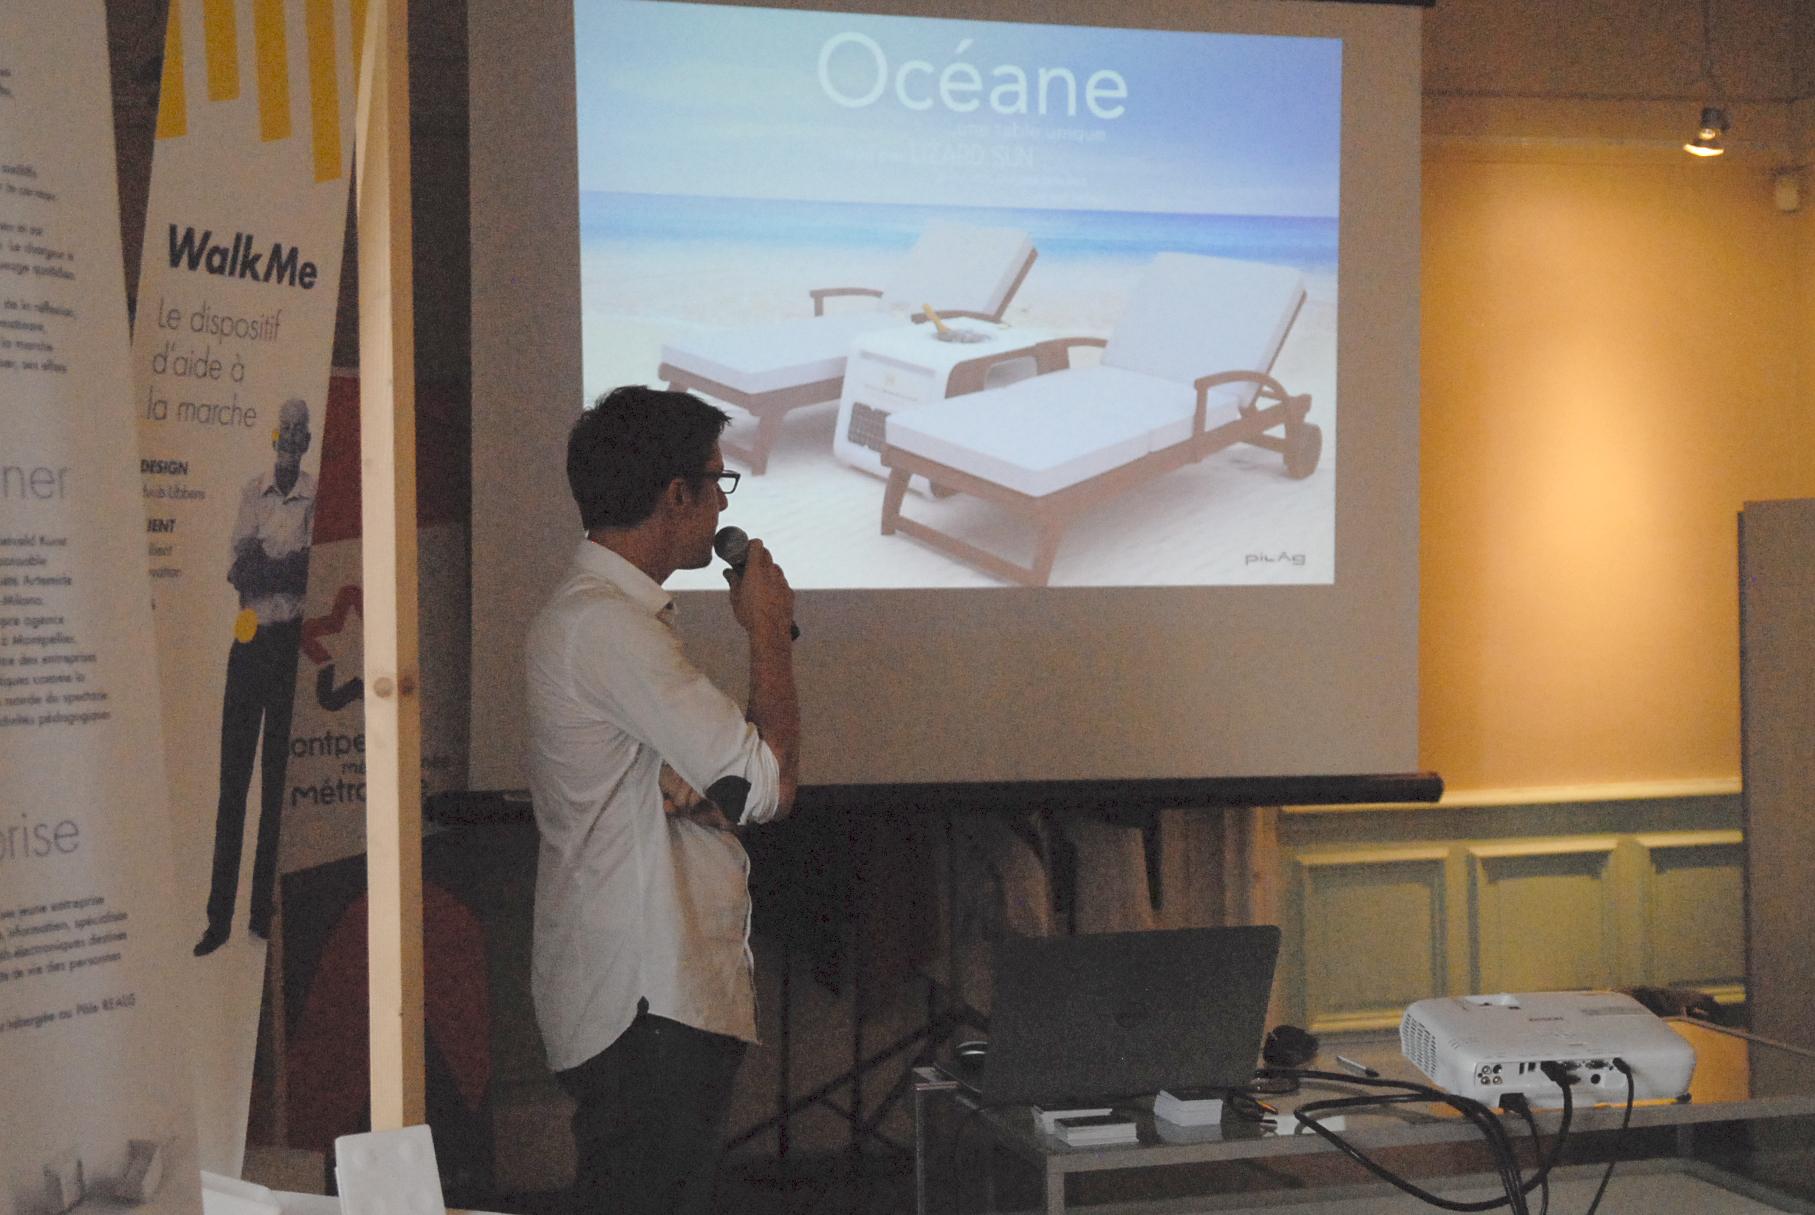 Pilag - WIDD présentation oral de la table océane